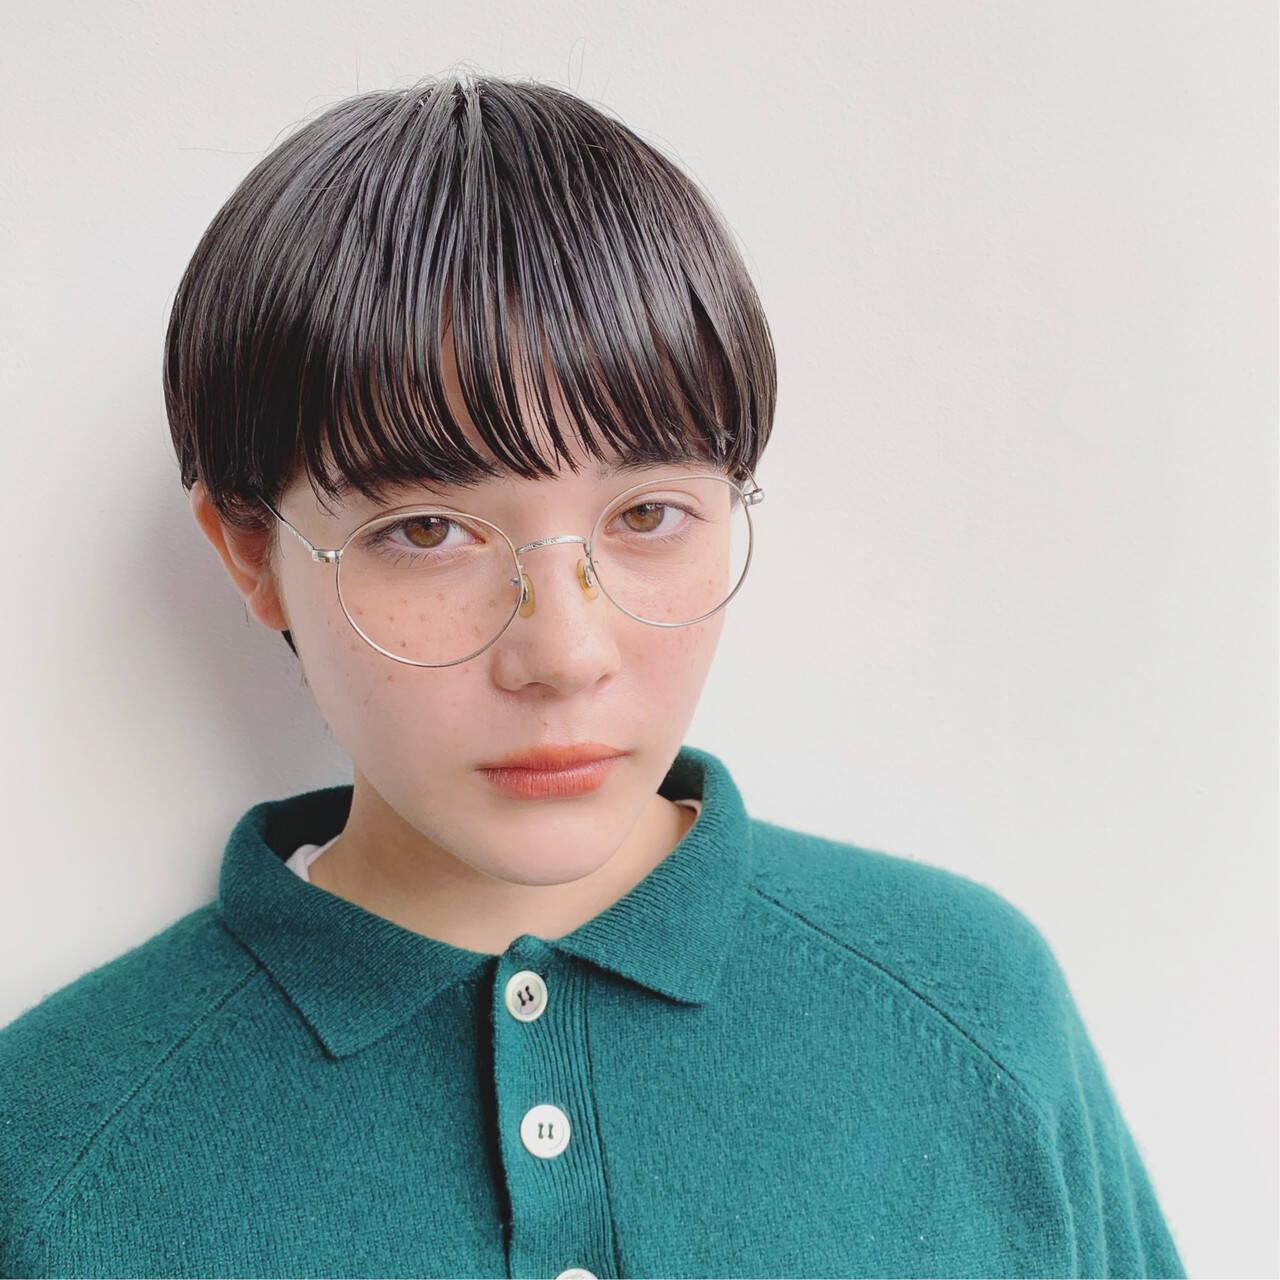 前髪あり 外国人風 ストレート 抜け感ヘアスタイルや髪型の写真・画像